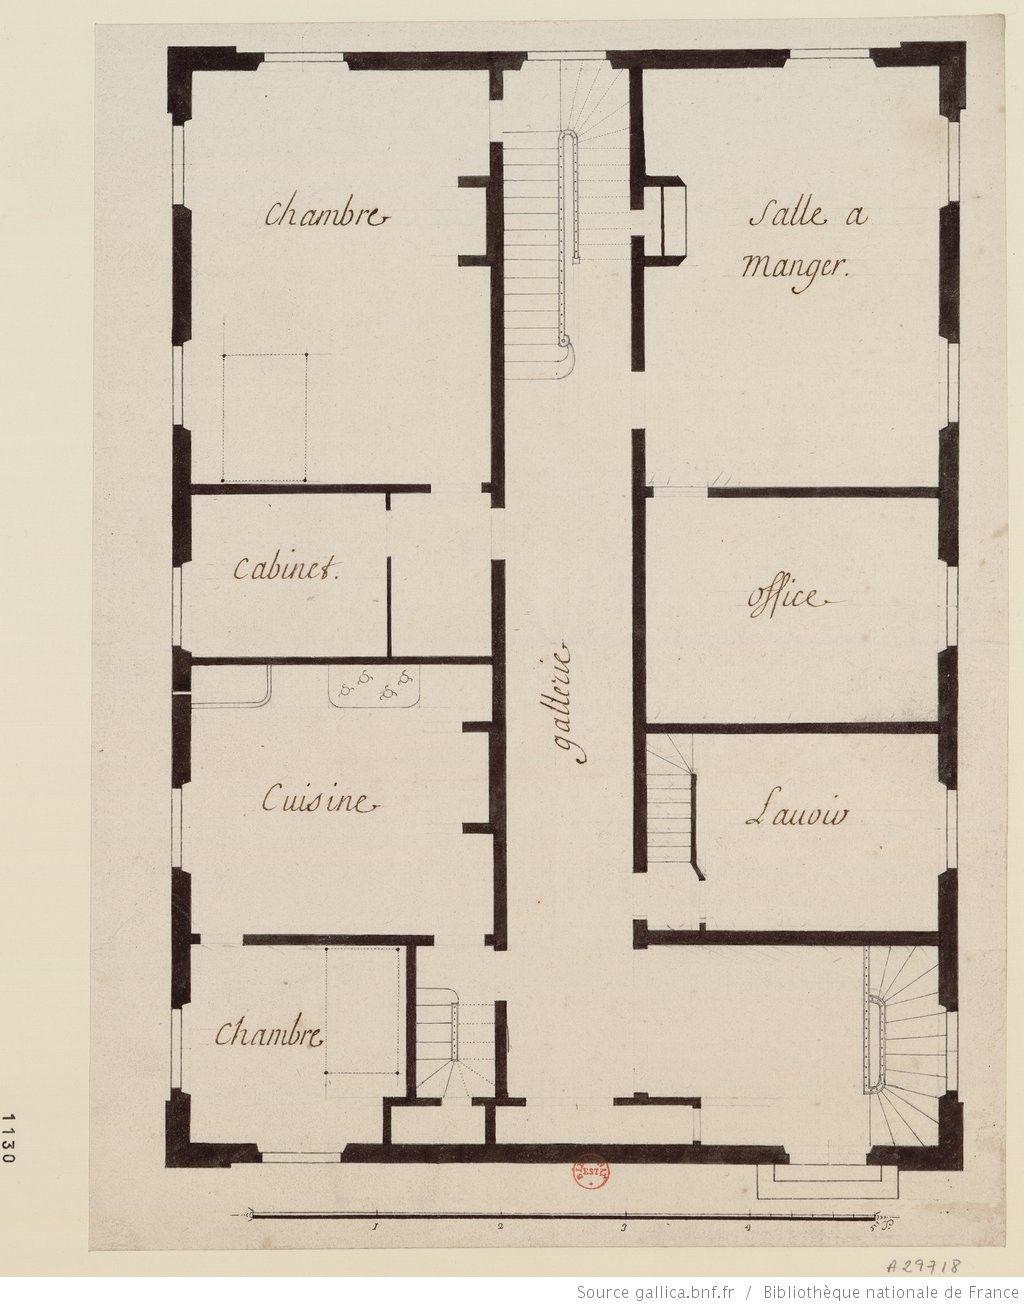 Plan dun étage de la samaritaine avec chambre et salle à manger